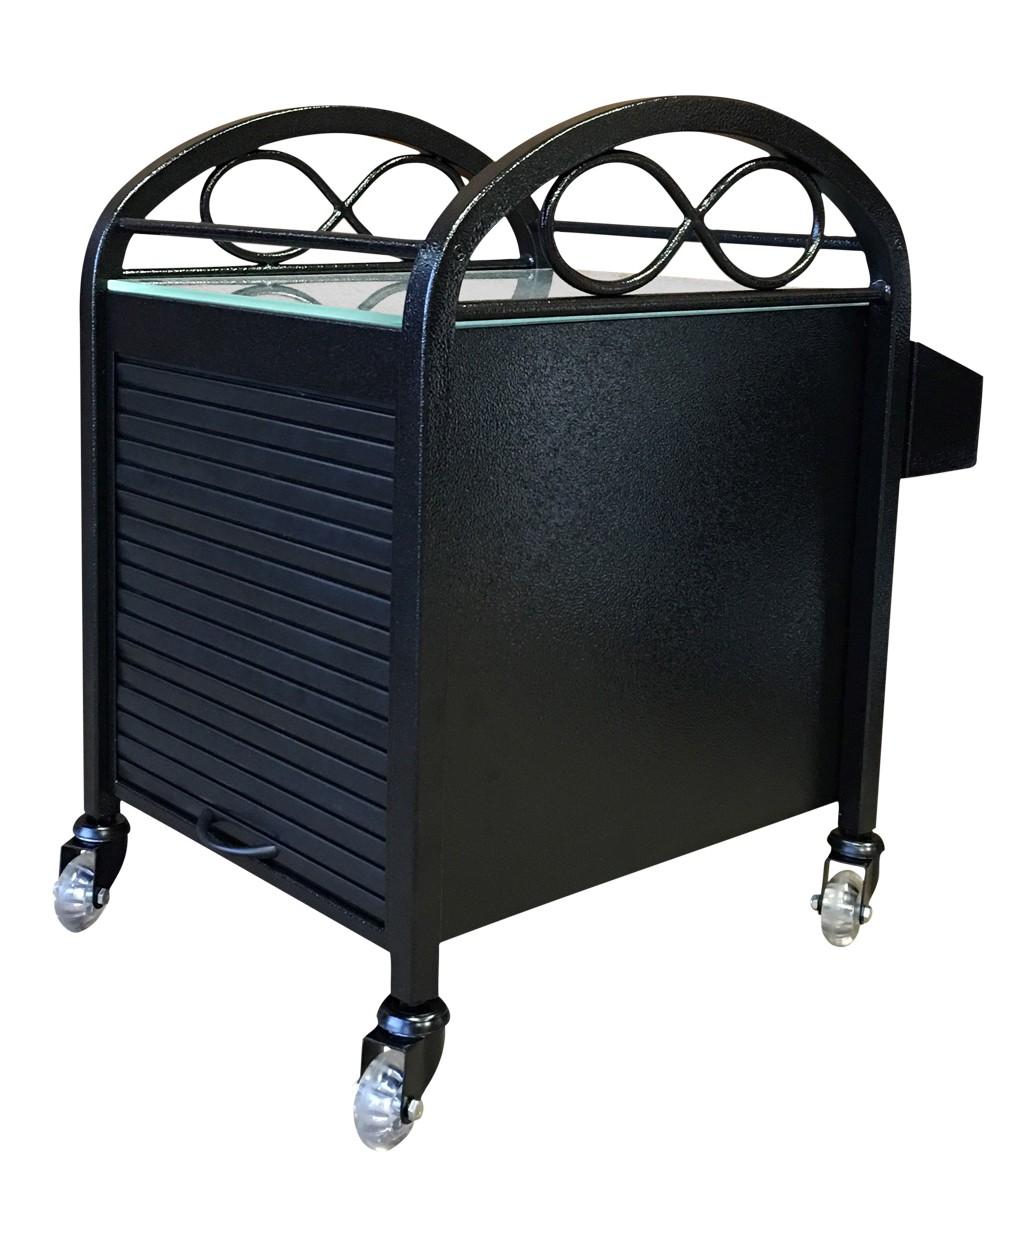 Continuum Accessory Cart